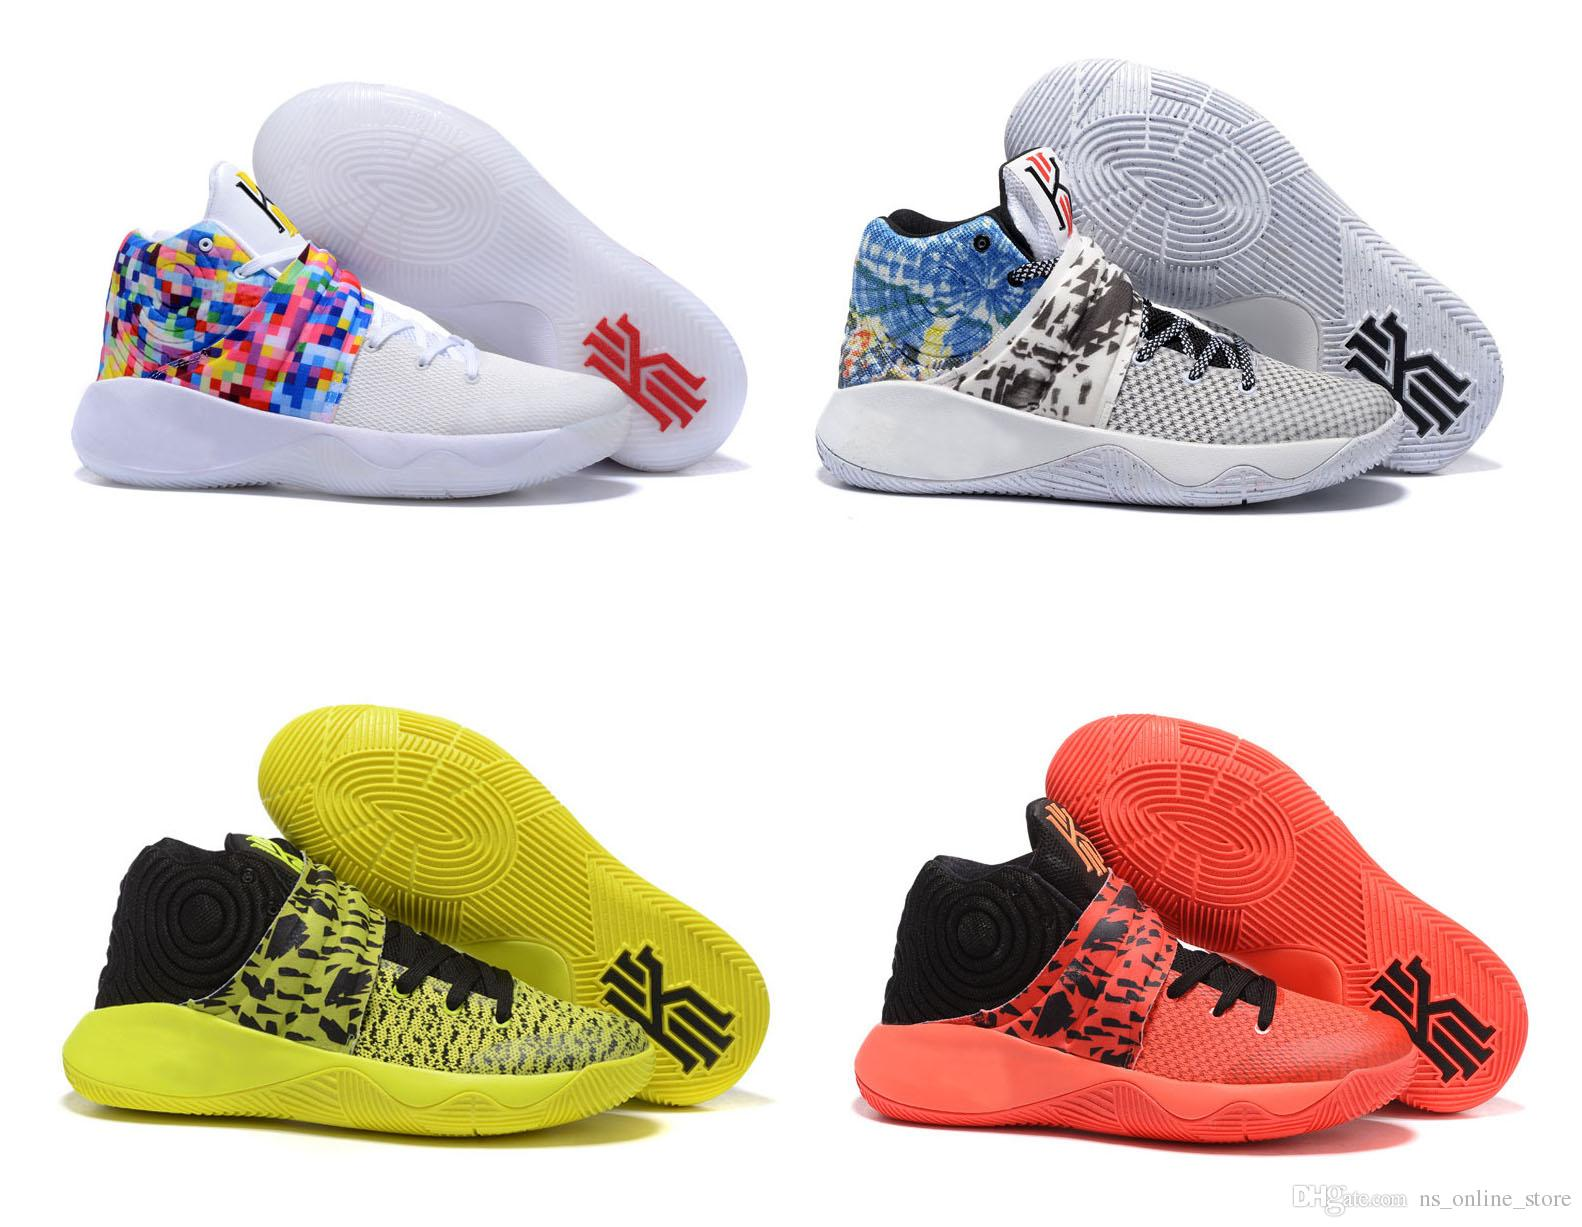 scarpe da basket kyrie irving